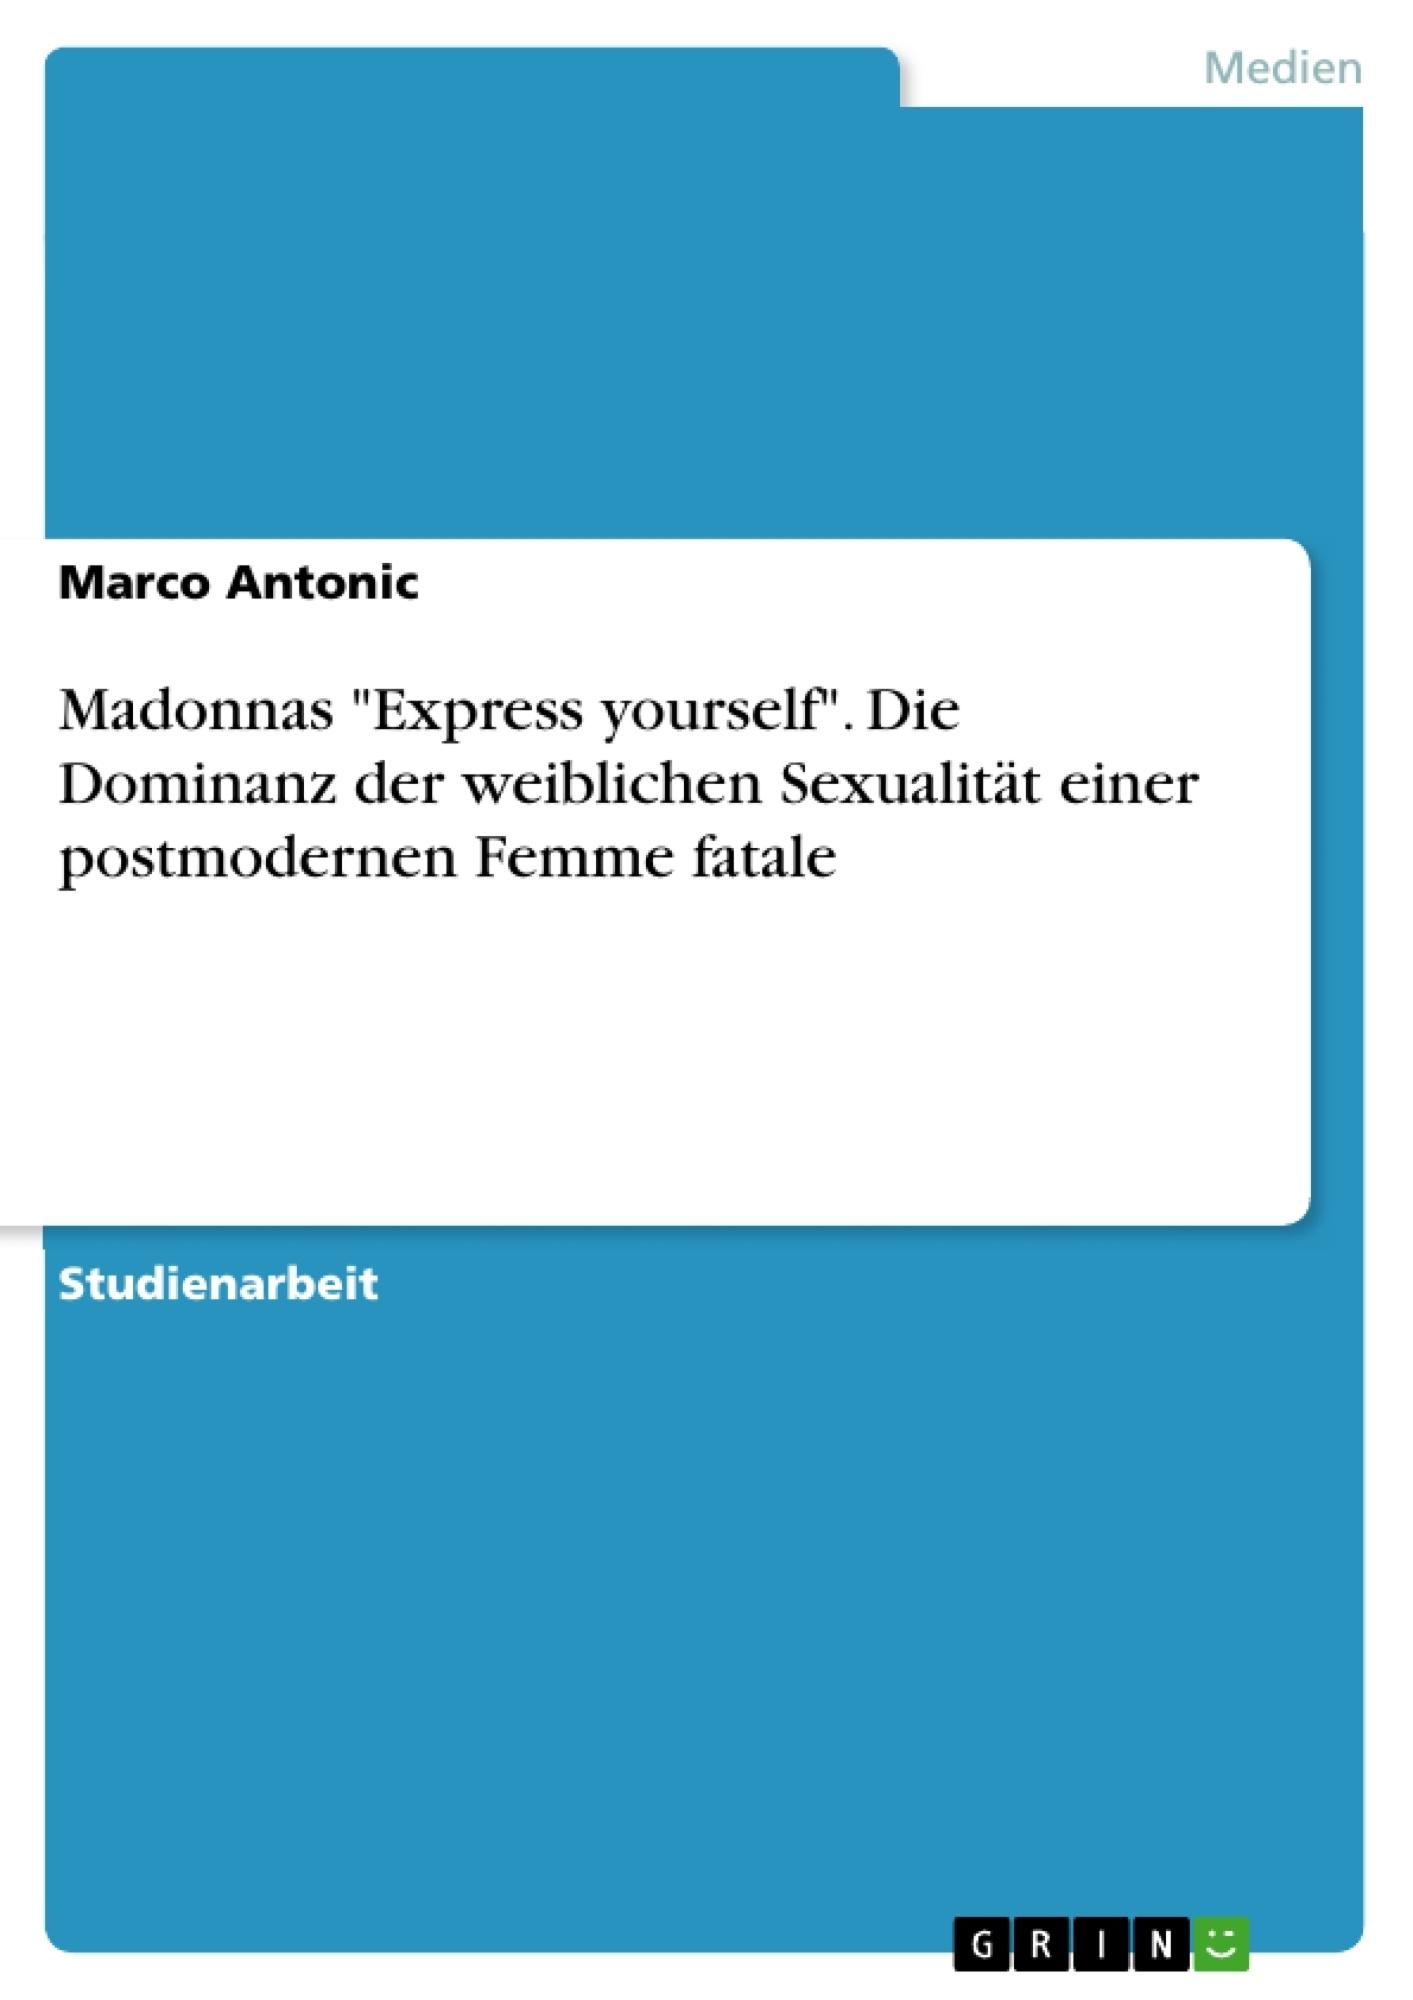 """Titel: Madonnas """"Express yourself"""". Die Dominanz der weiblichen Sexualität einer postmodernen Femme fatale"""